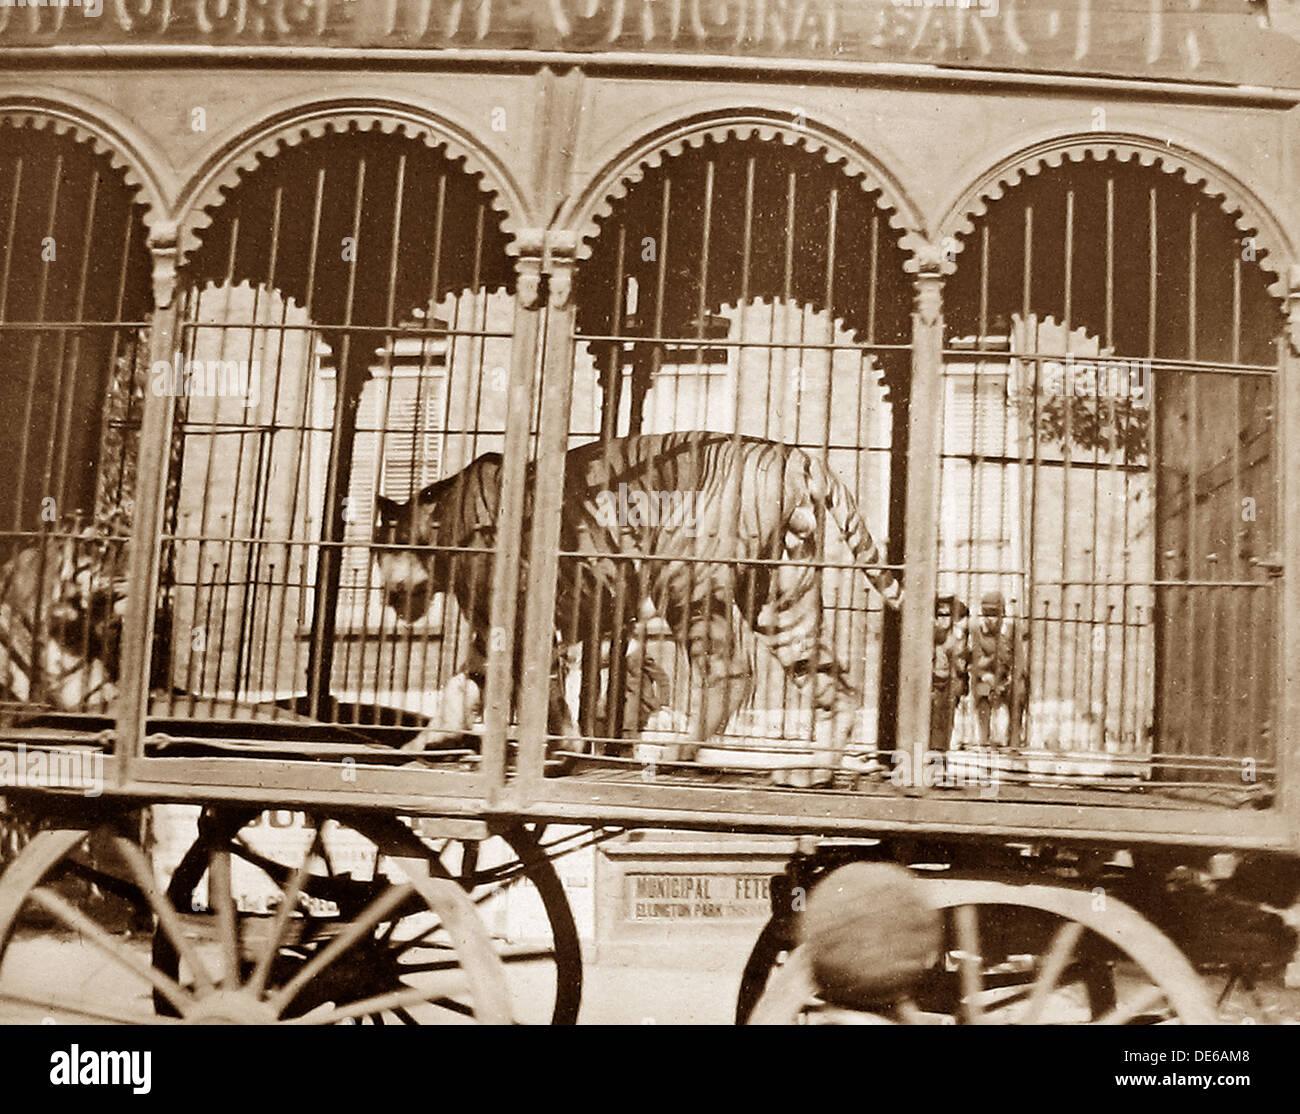 Barnum's Circus in Ramsgate in 1899 - Stock Image